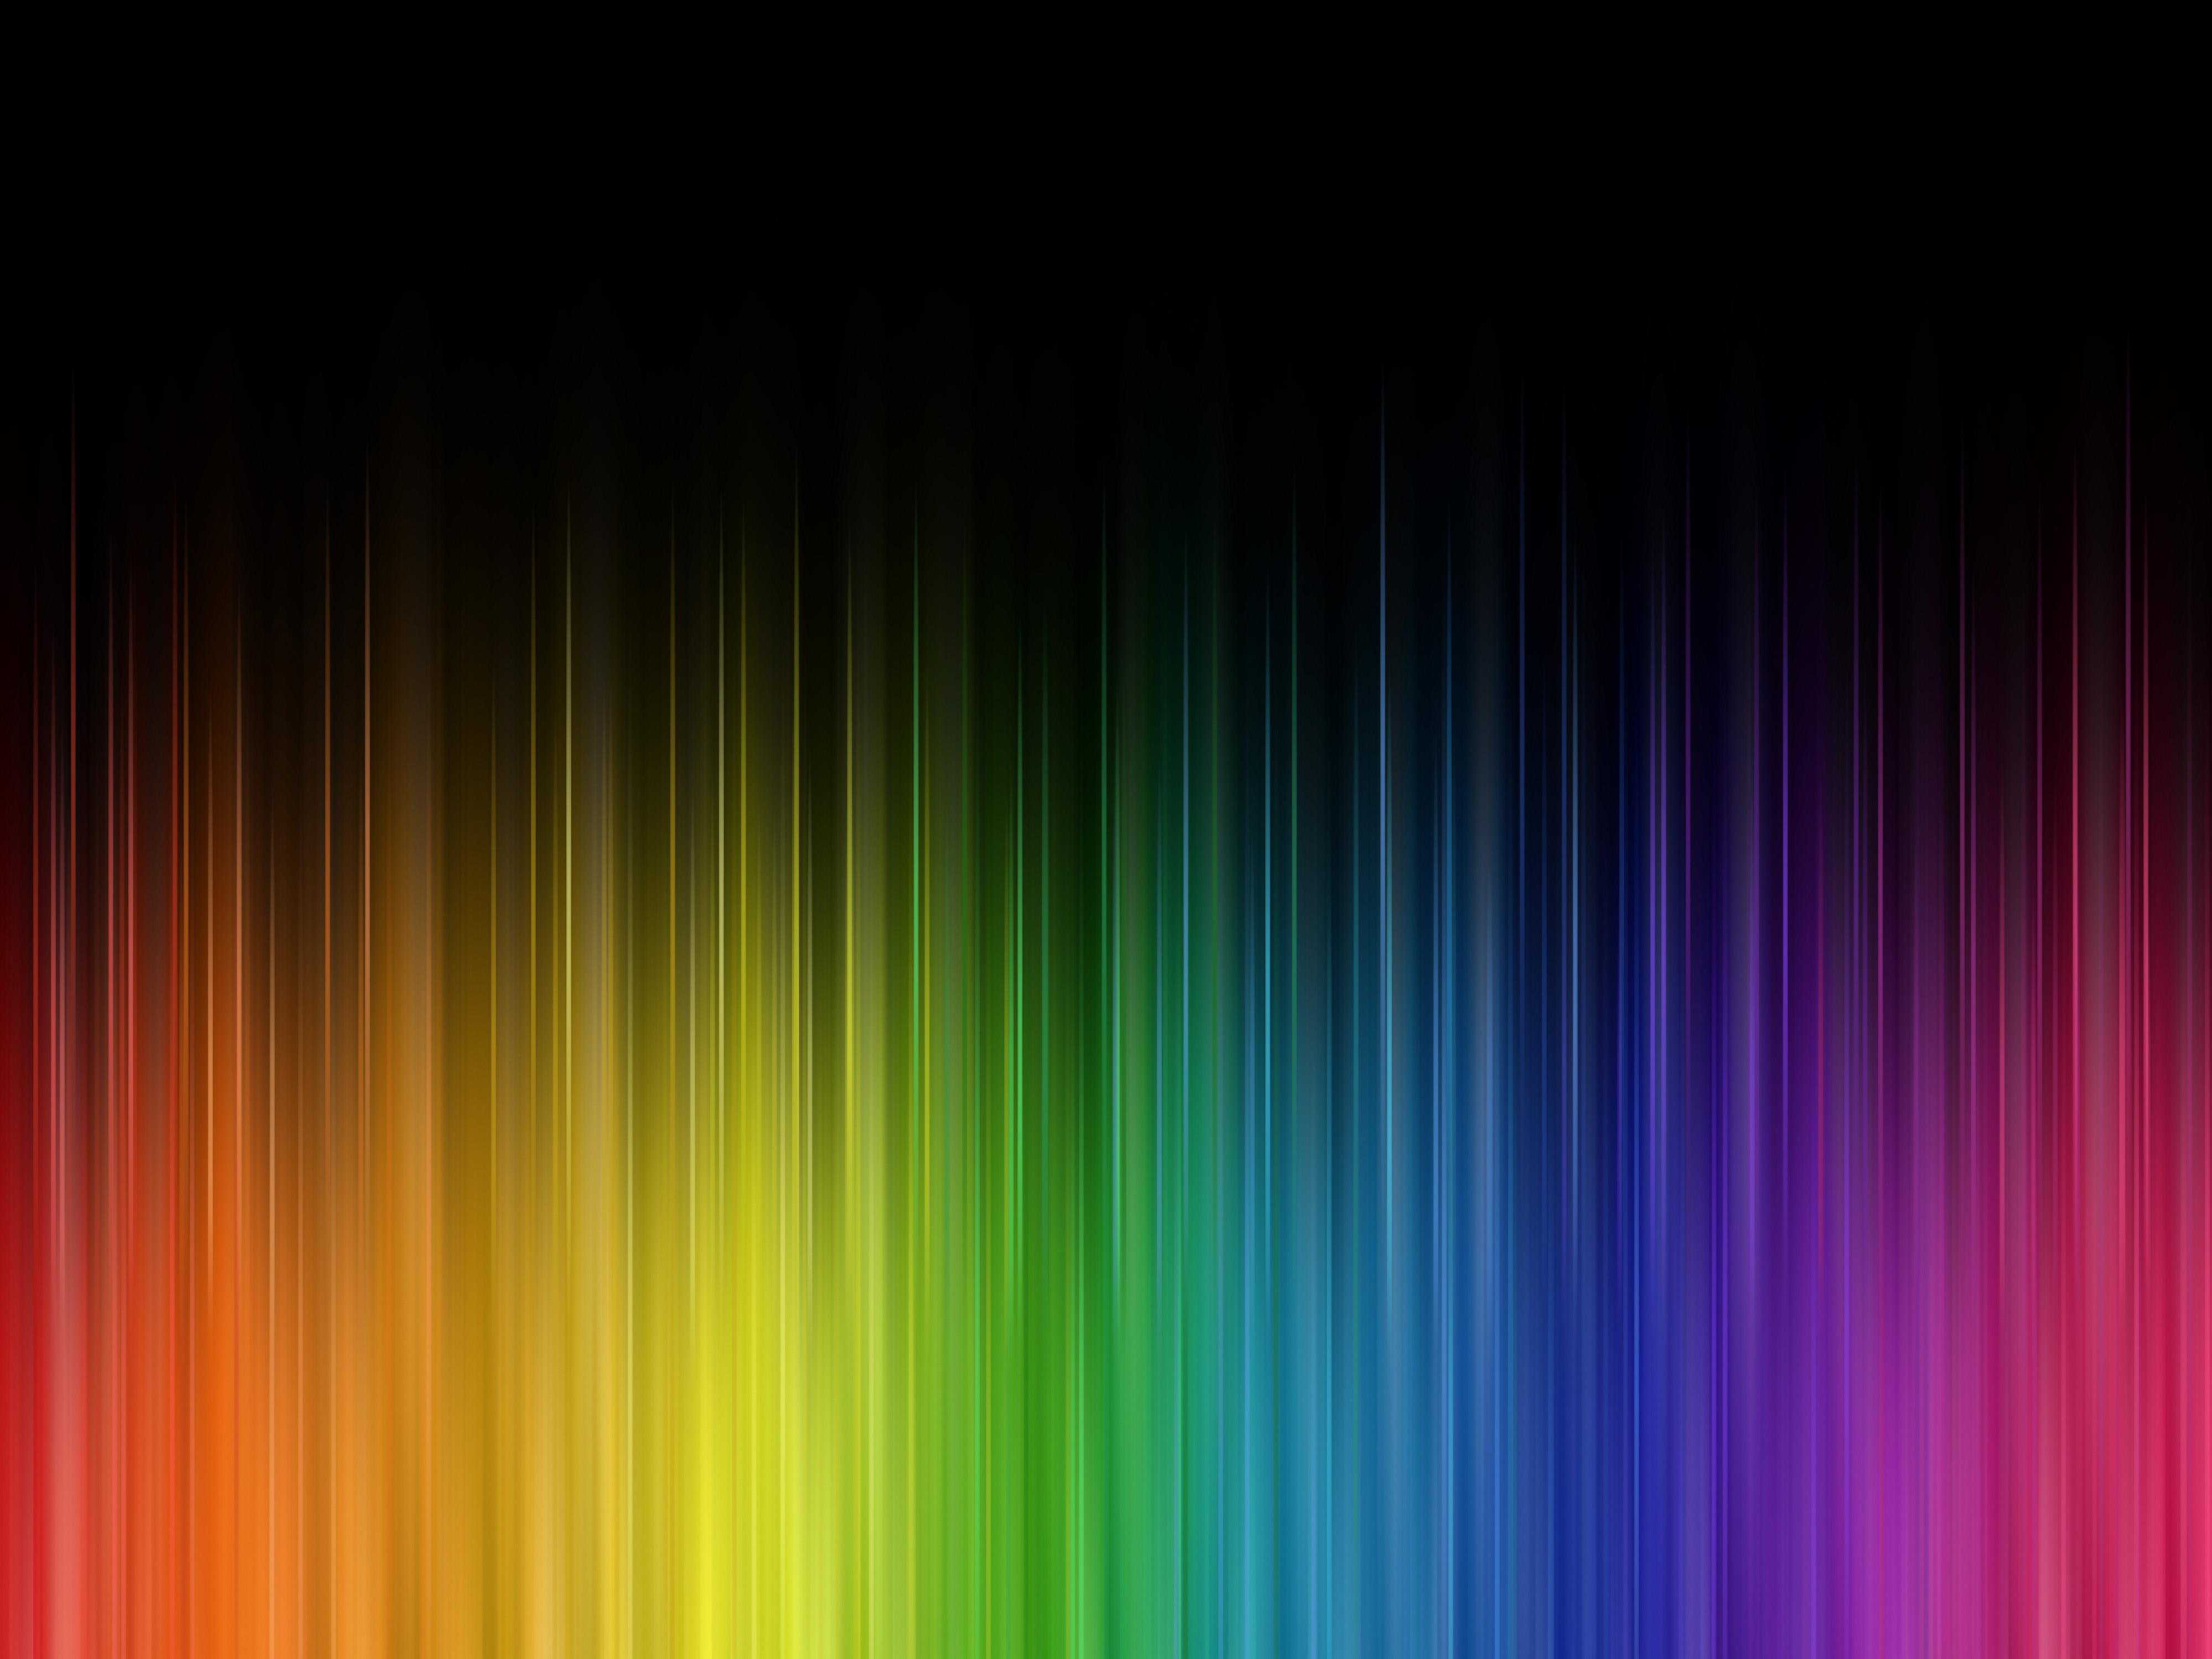 rainbow_texture1762